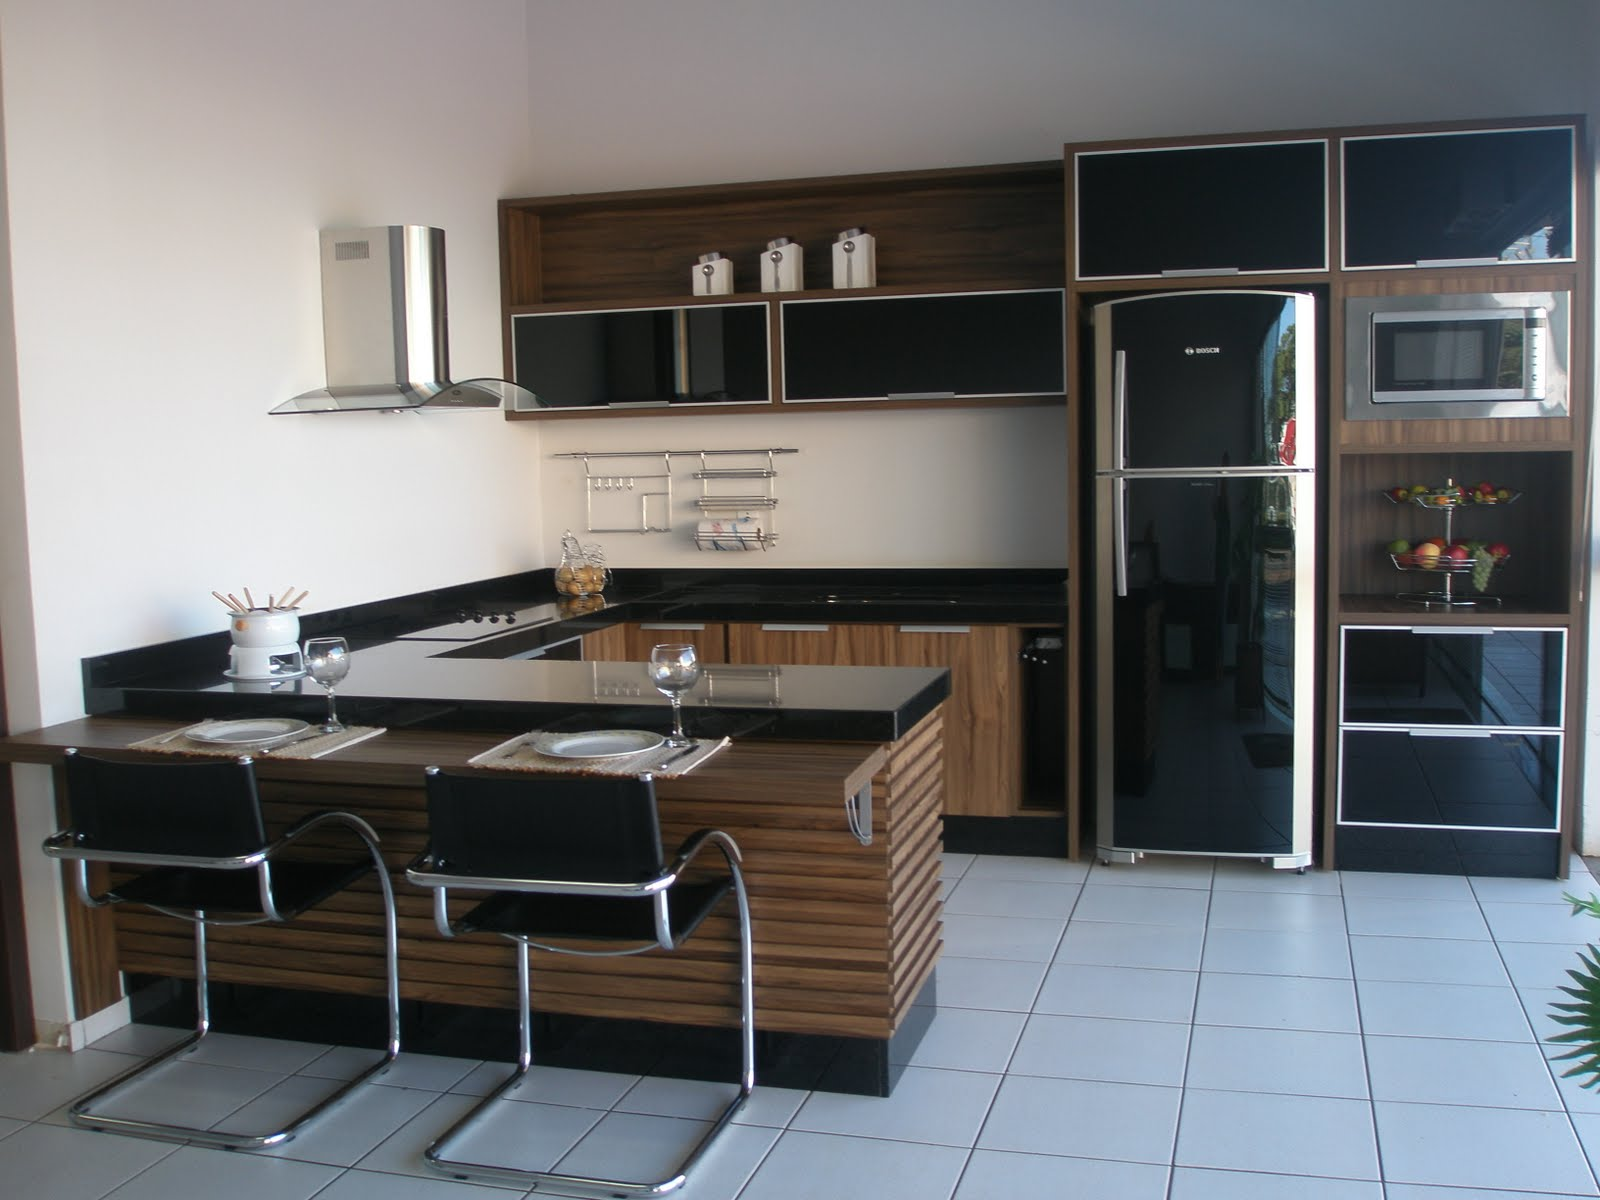 Mirai Planejados: Cozinha planejada #466485 1600 1200